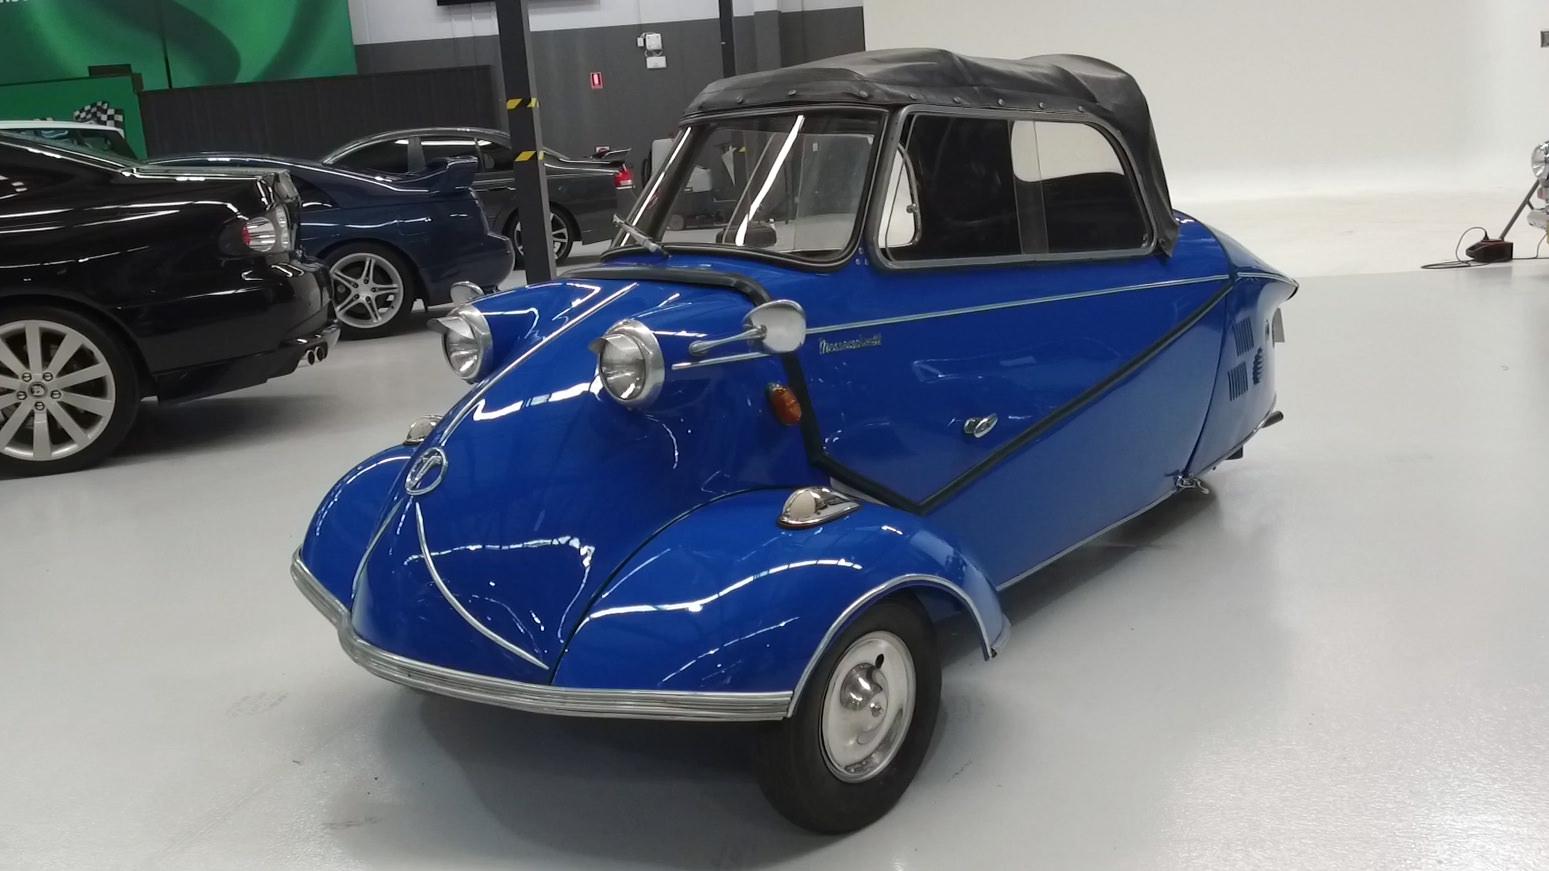 c1957 Messerchmitt KR200 3-Wheeler Microcar - 2021 Shannons Winter Timed Online Auction